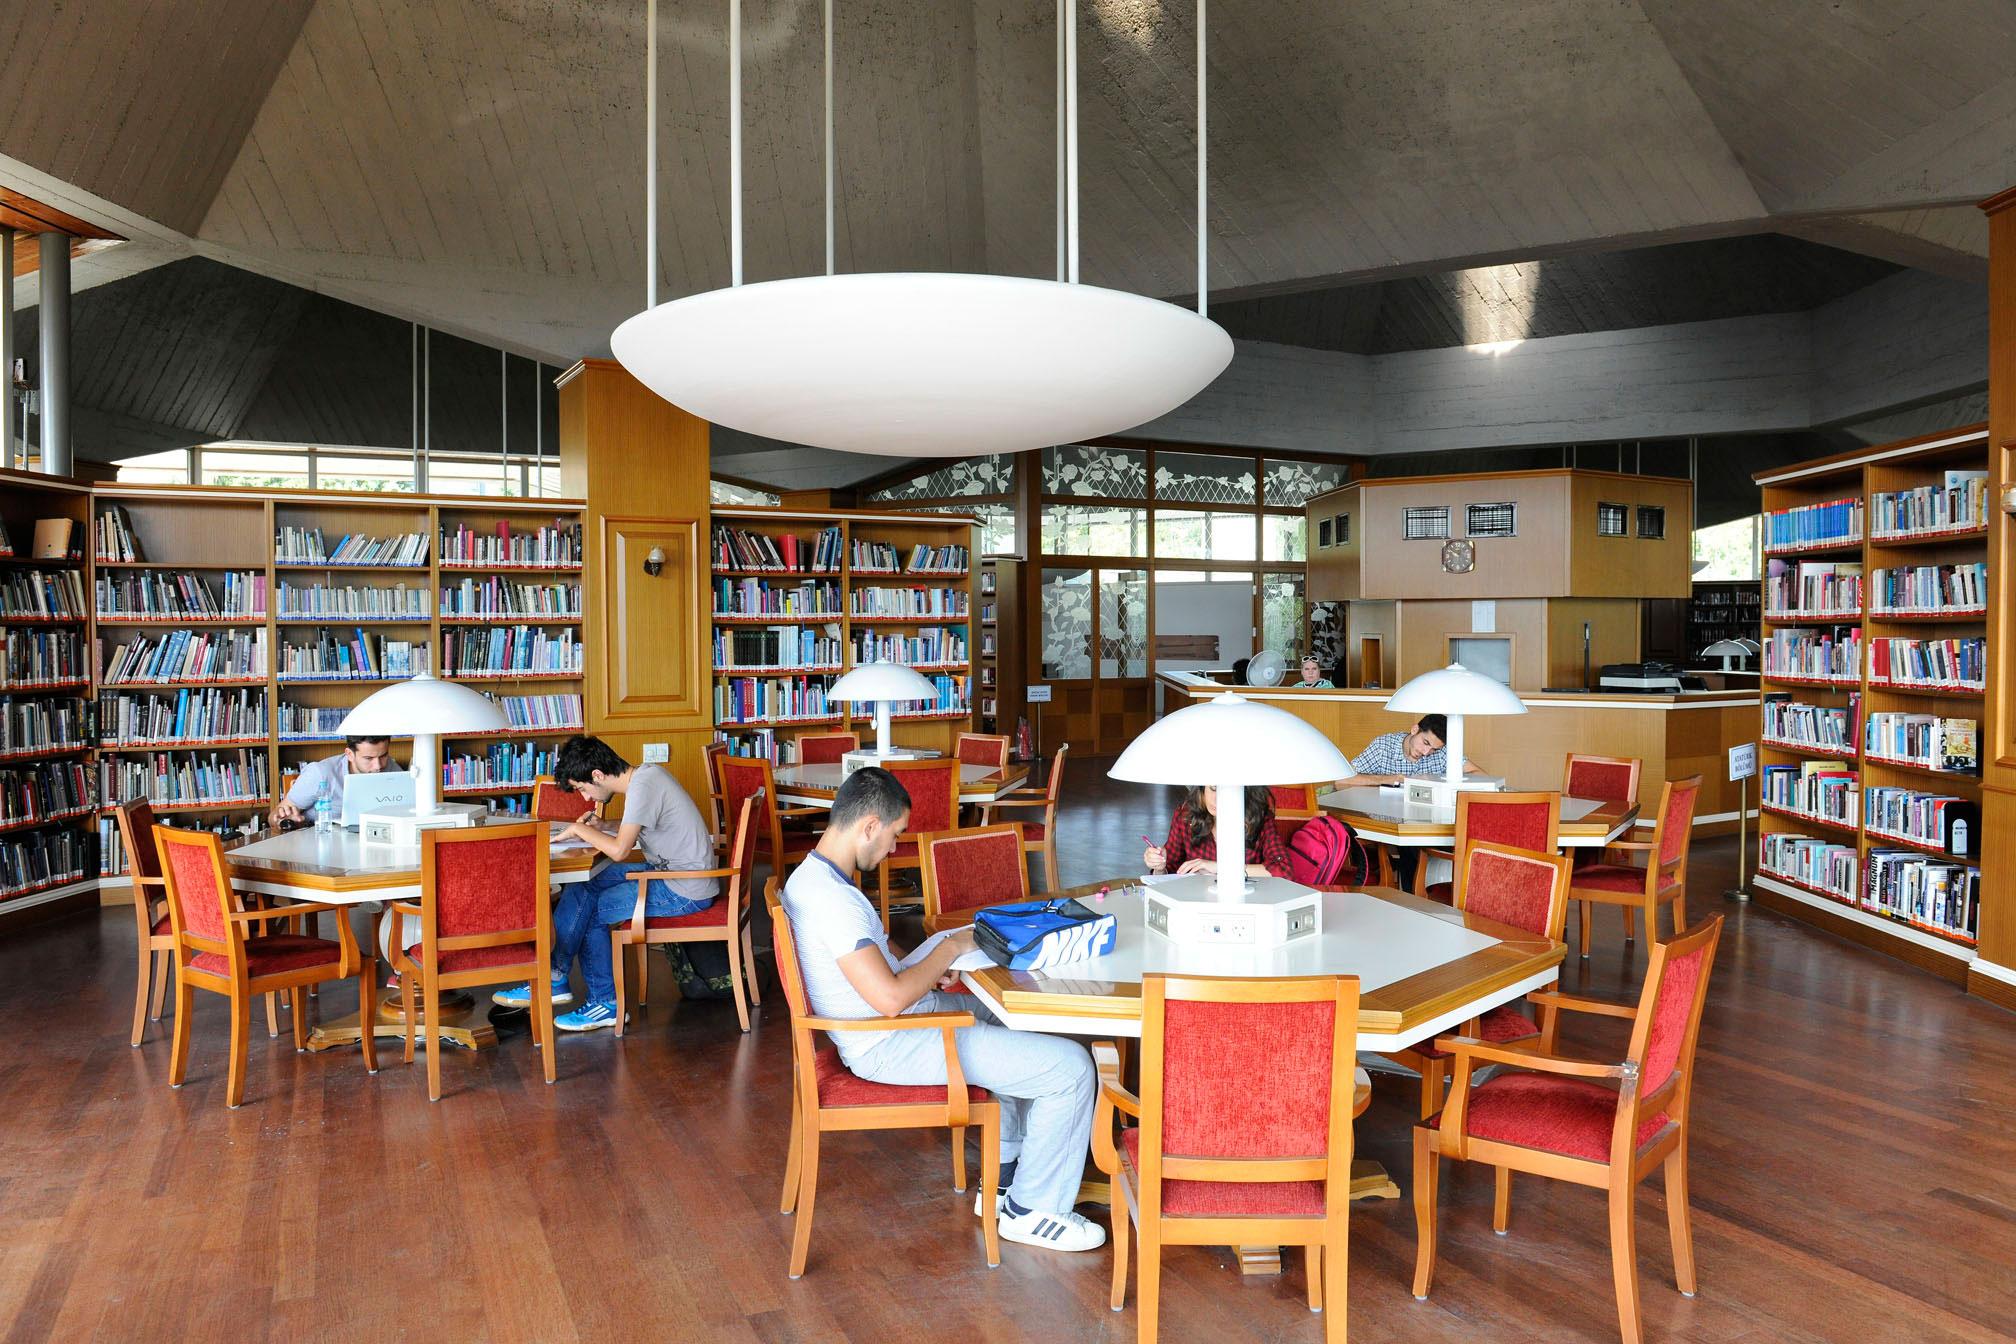 İstanbul 7 gün 24 saat açık kütüphanesine kavuştu